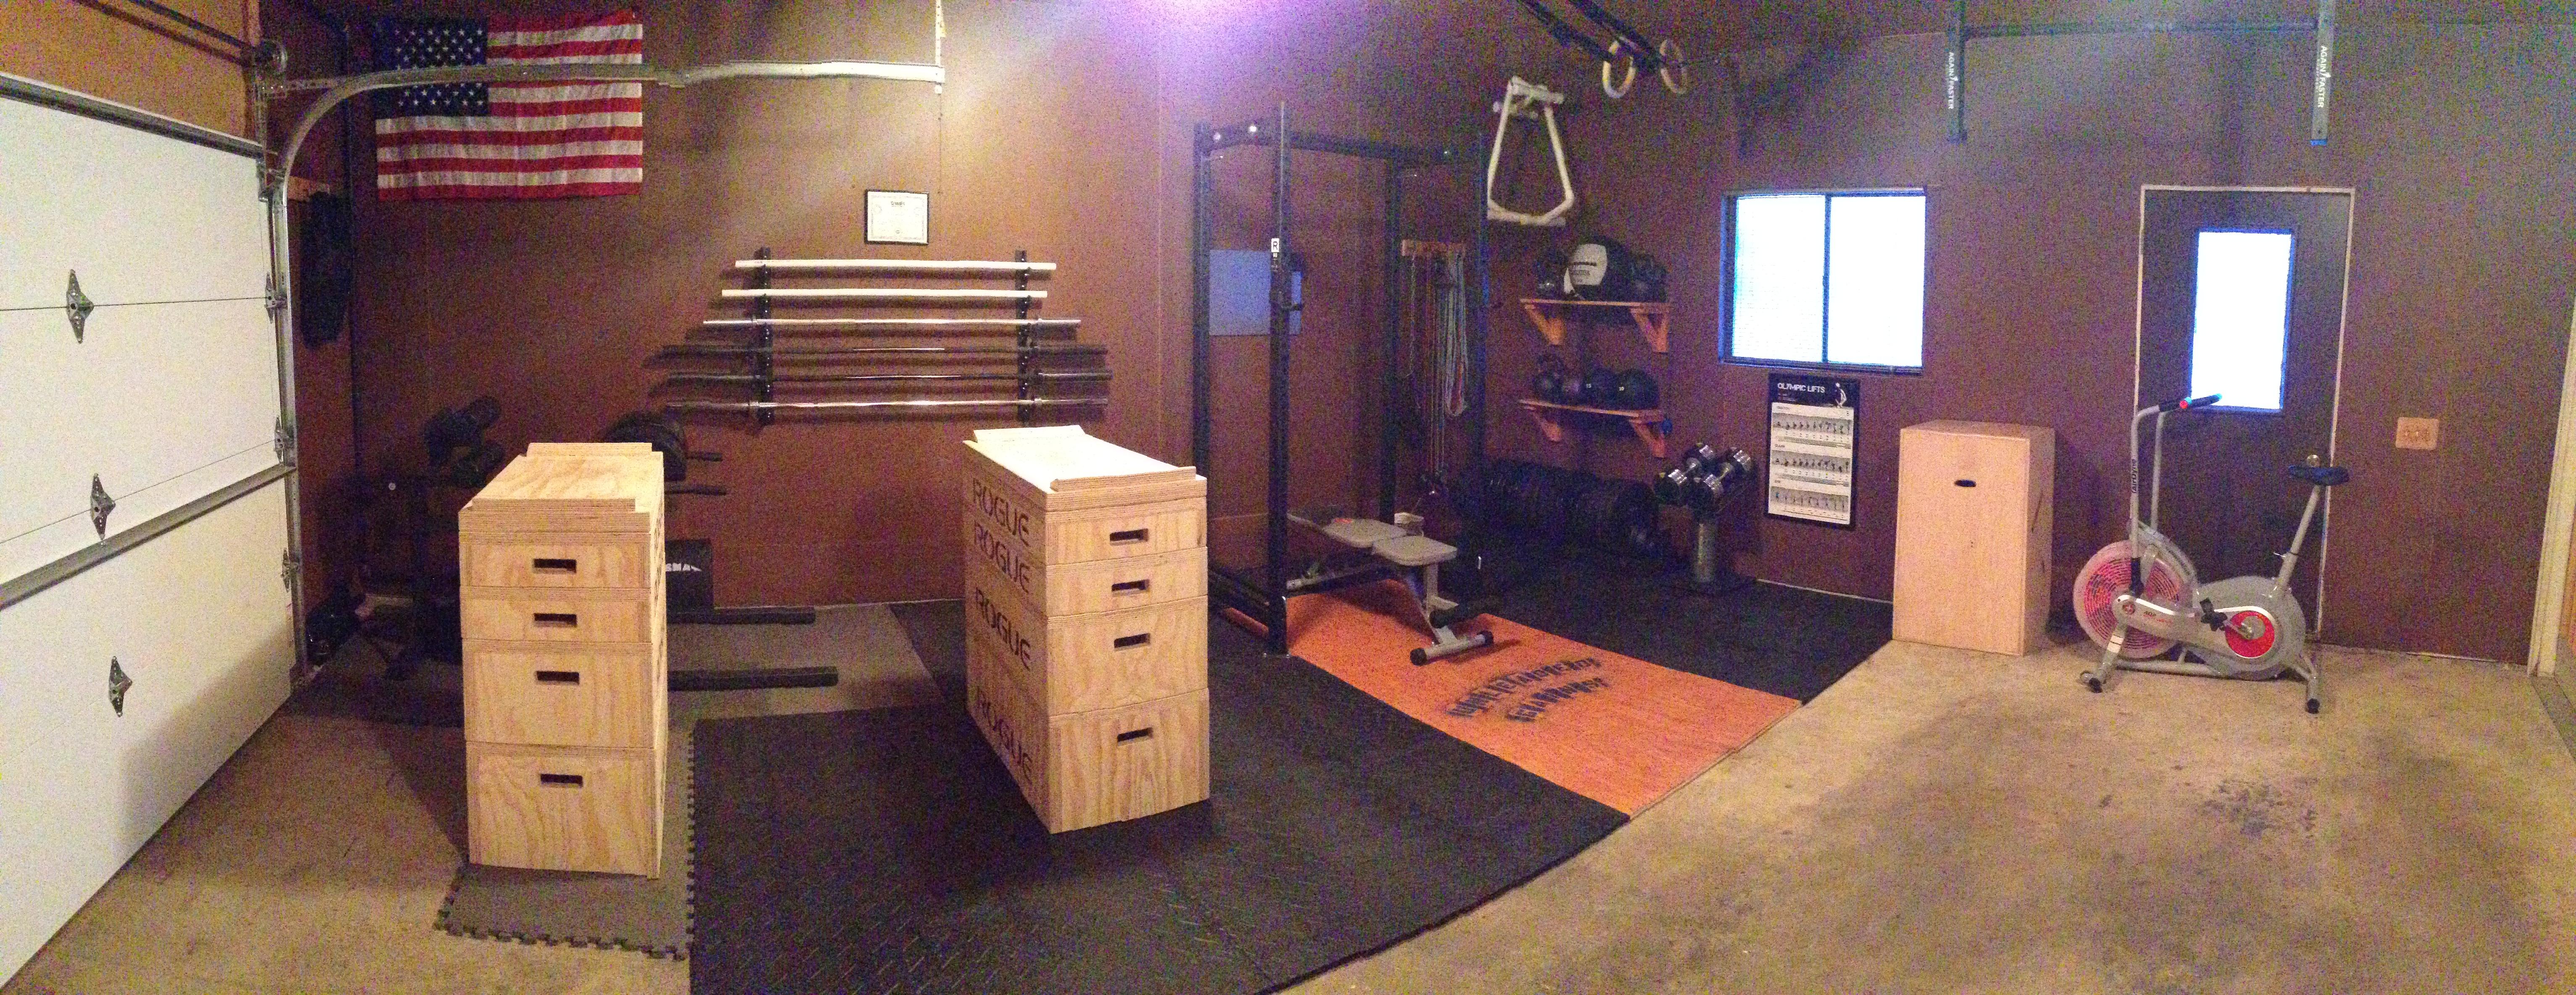 garage-gym-after